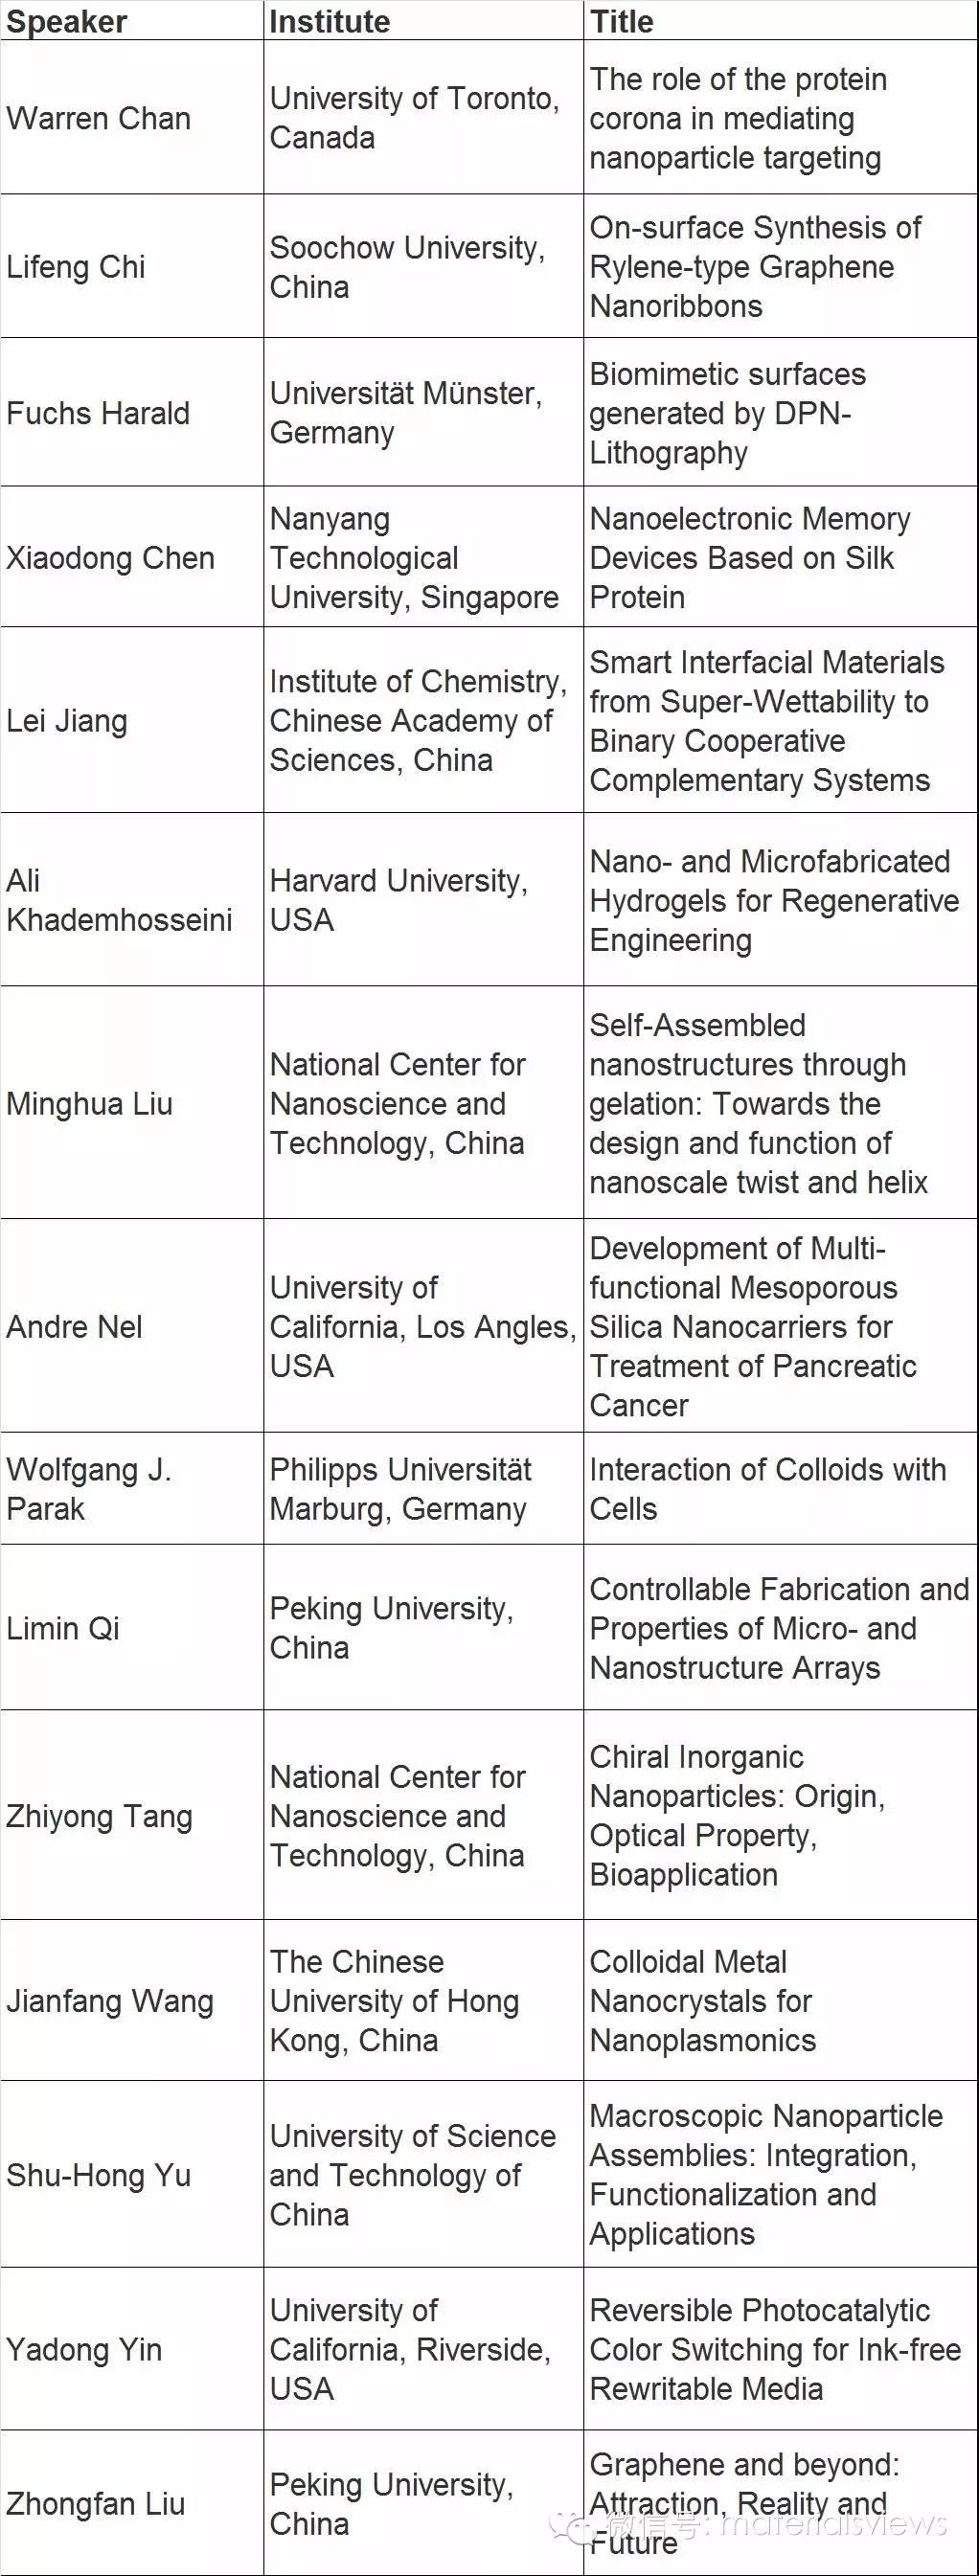 Small Sciences Symposium将于9月3日在北京国际会议中心召开